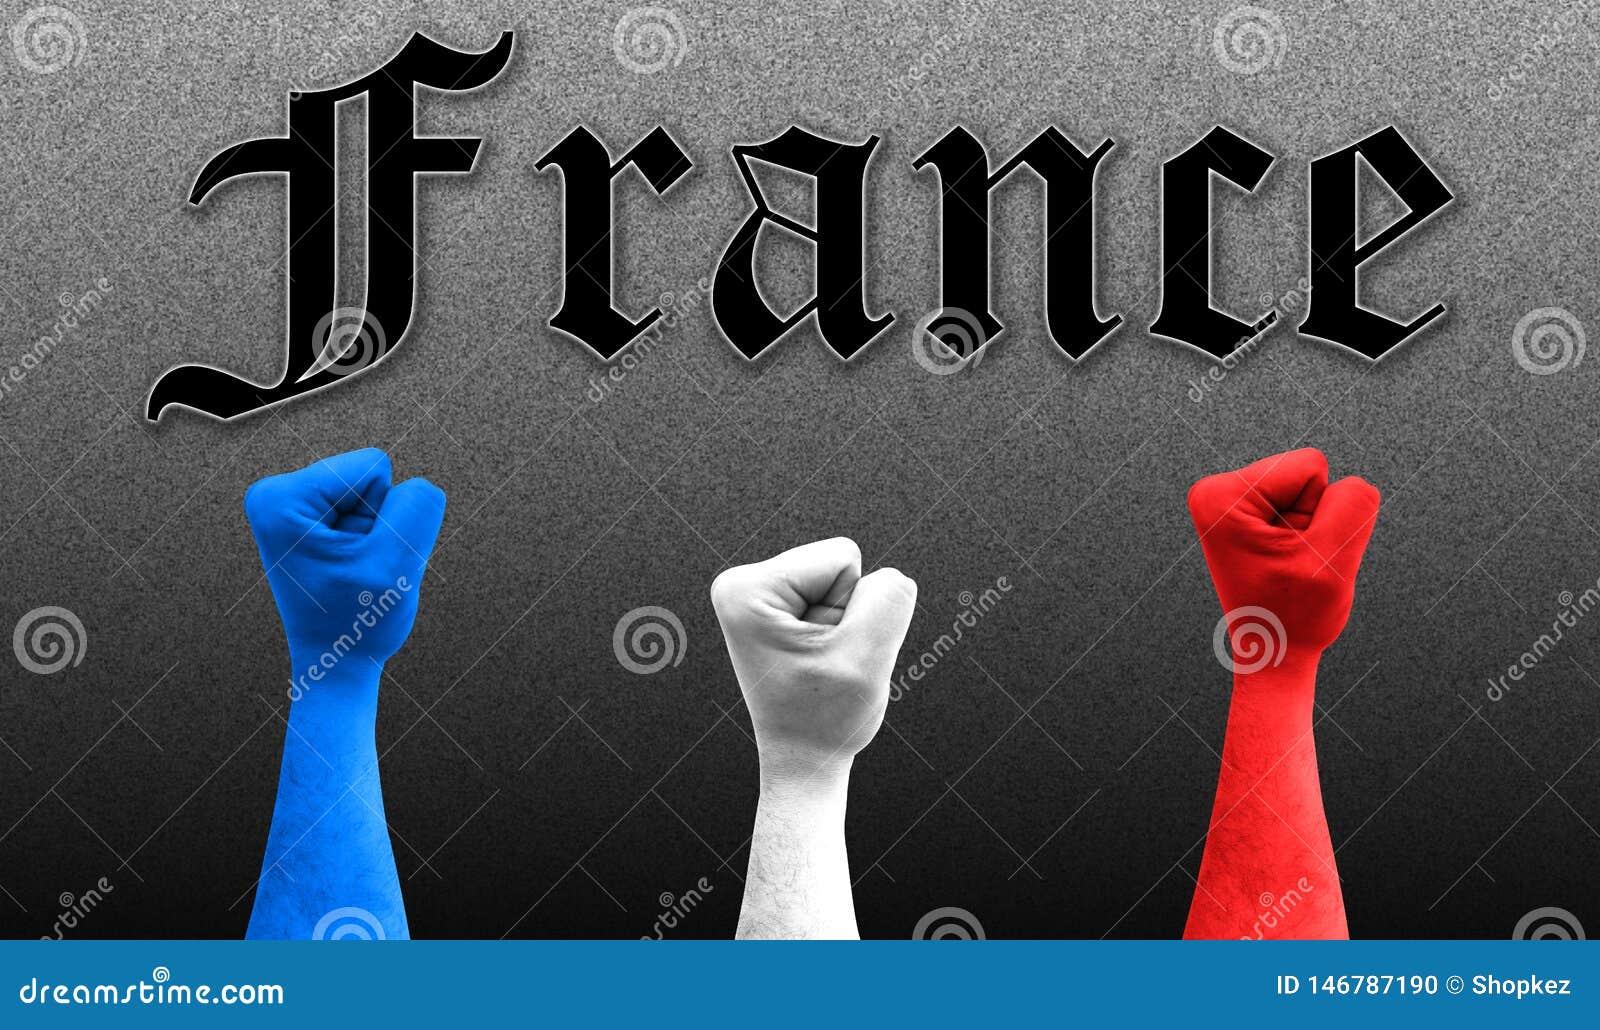 Τρεις πυγμές στον αέρα με τα χρώματα της σημαίας της Γαλλίας